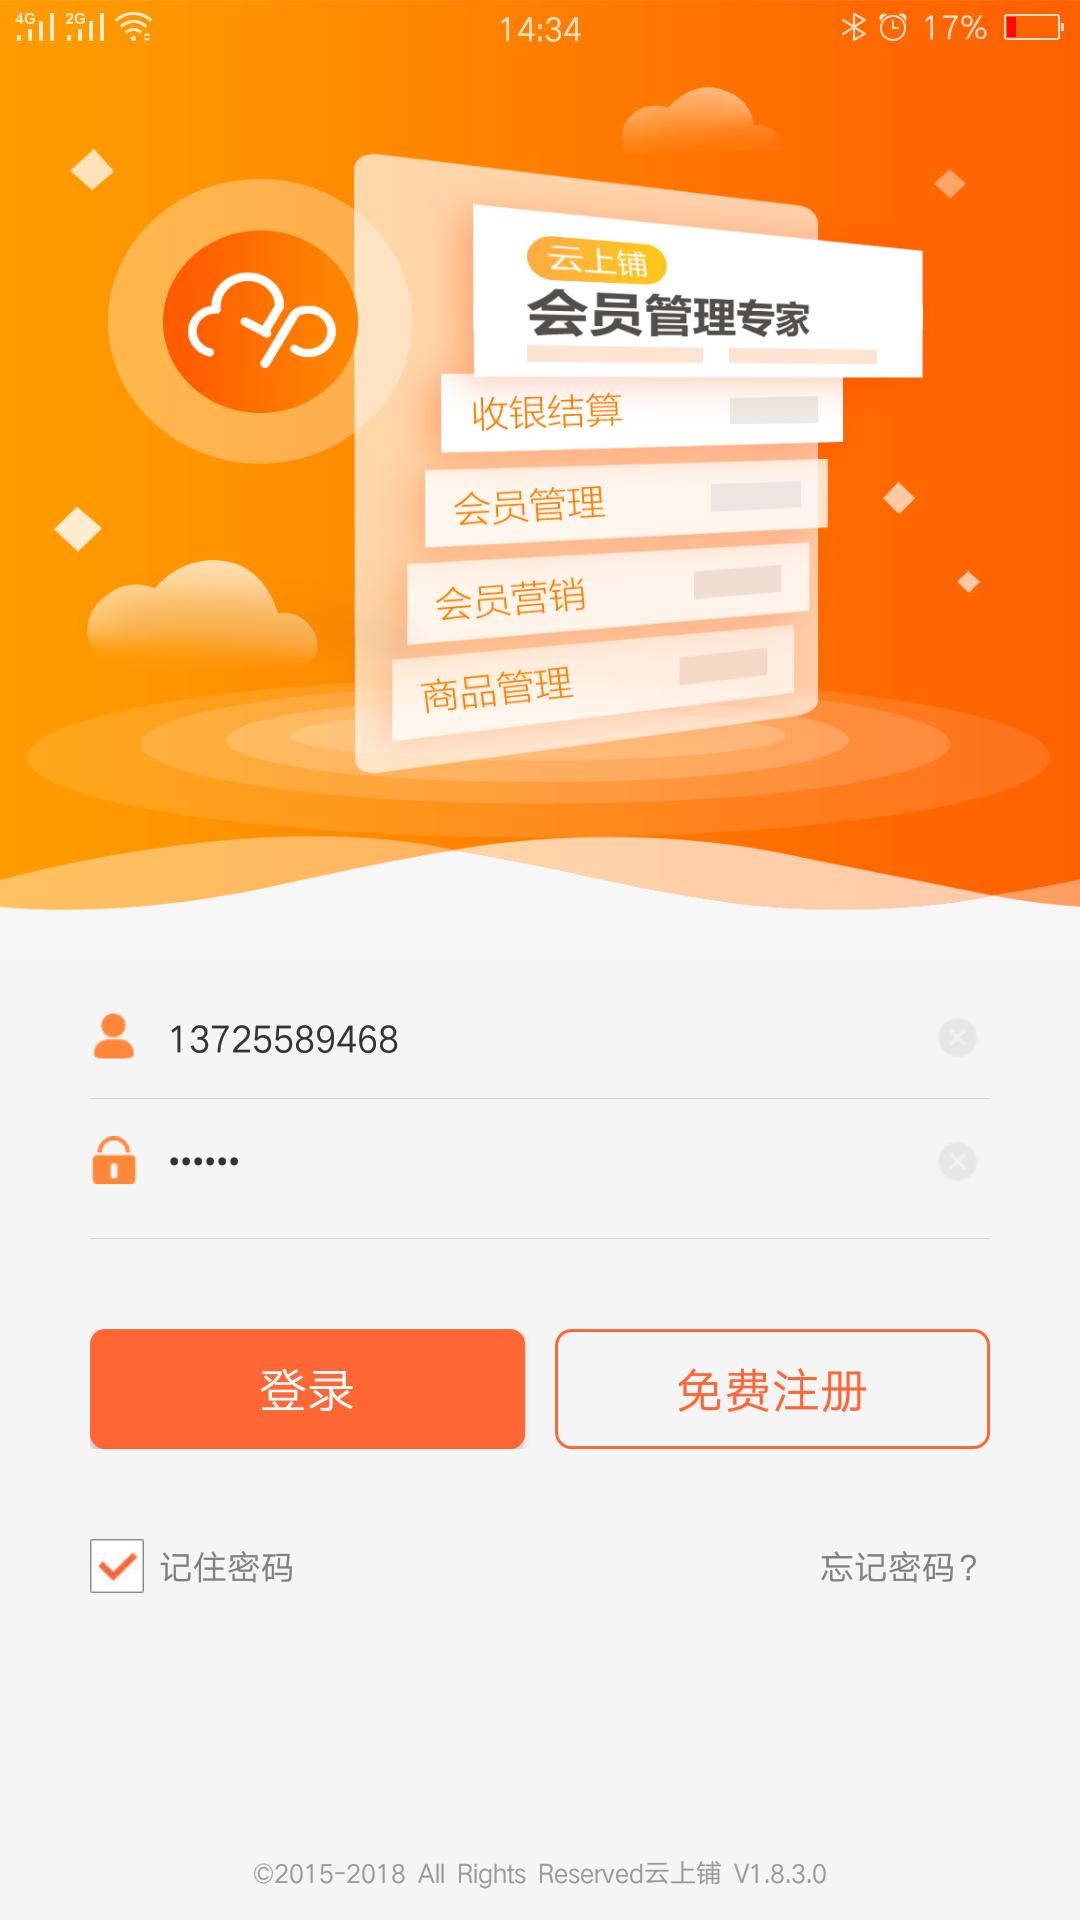 云上铺会员管理收银系统手机版下载(暂未上线)